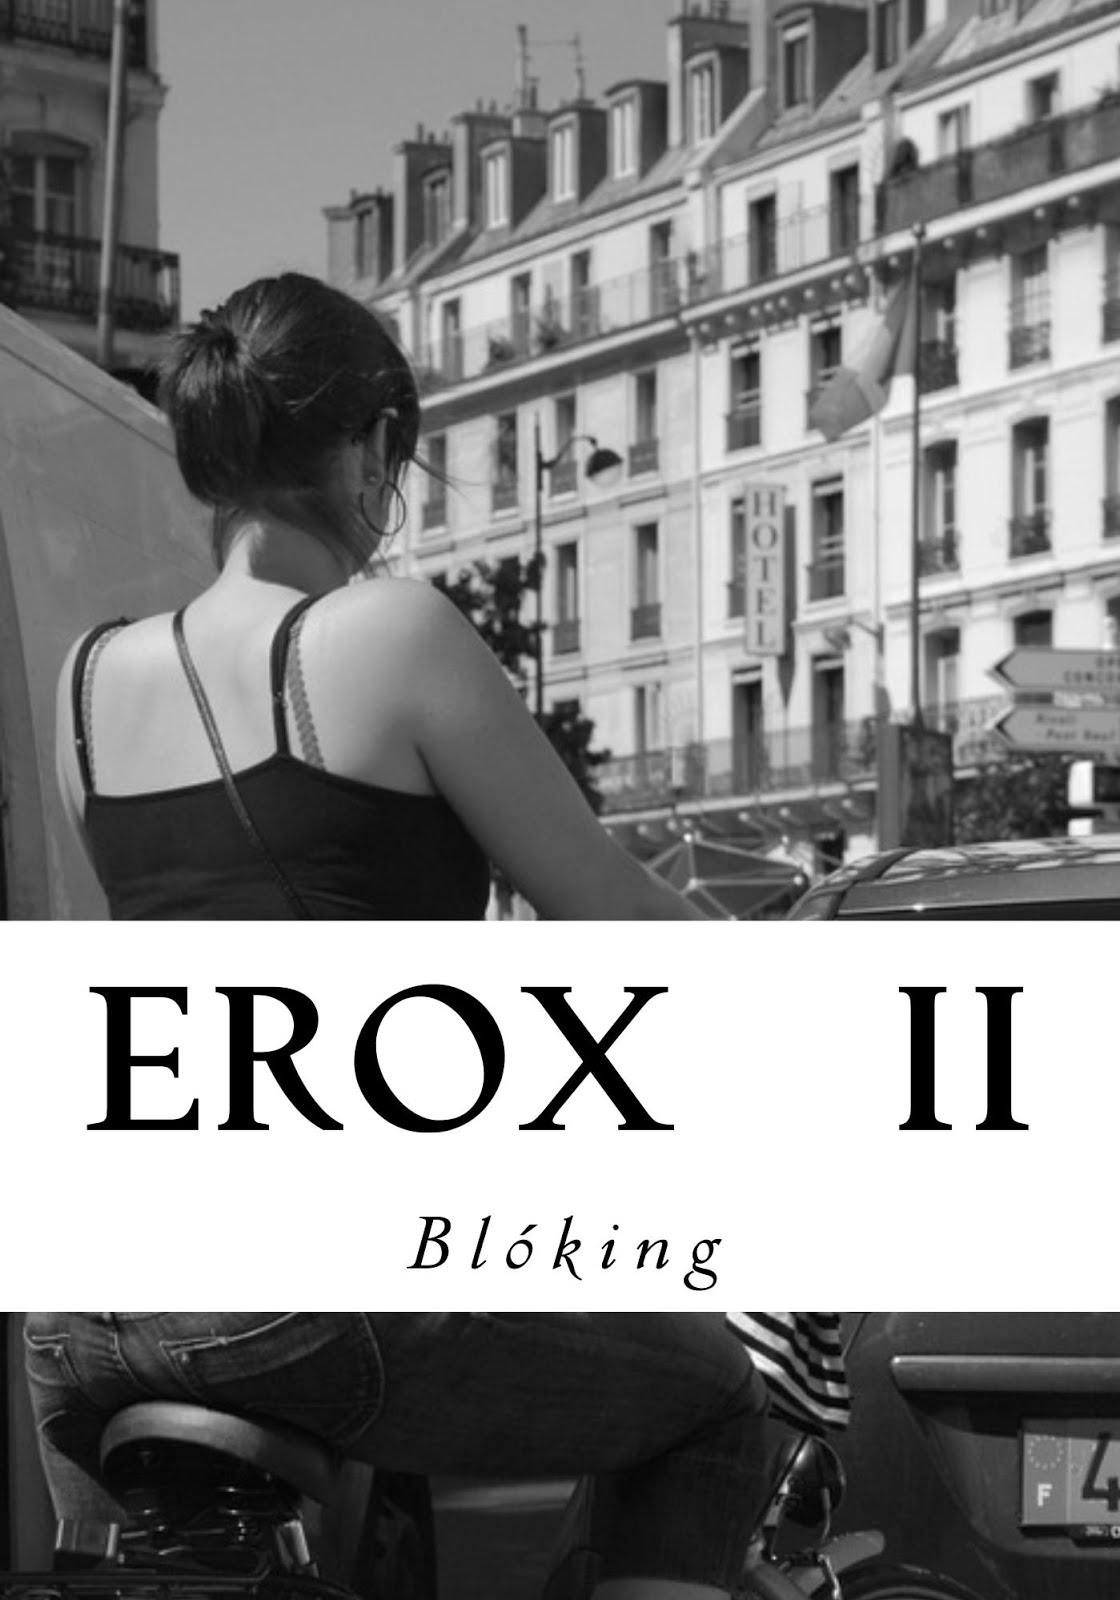 #Obra 16 - Erox II